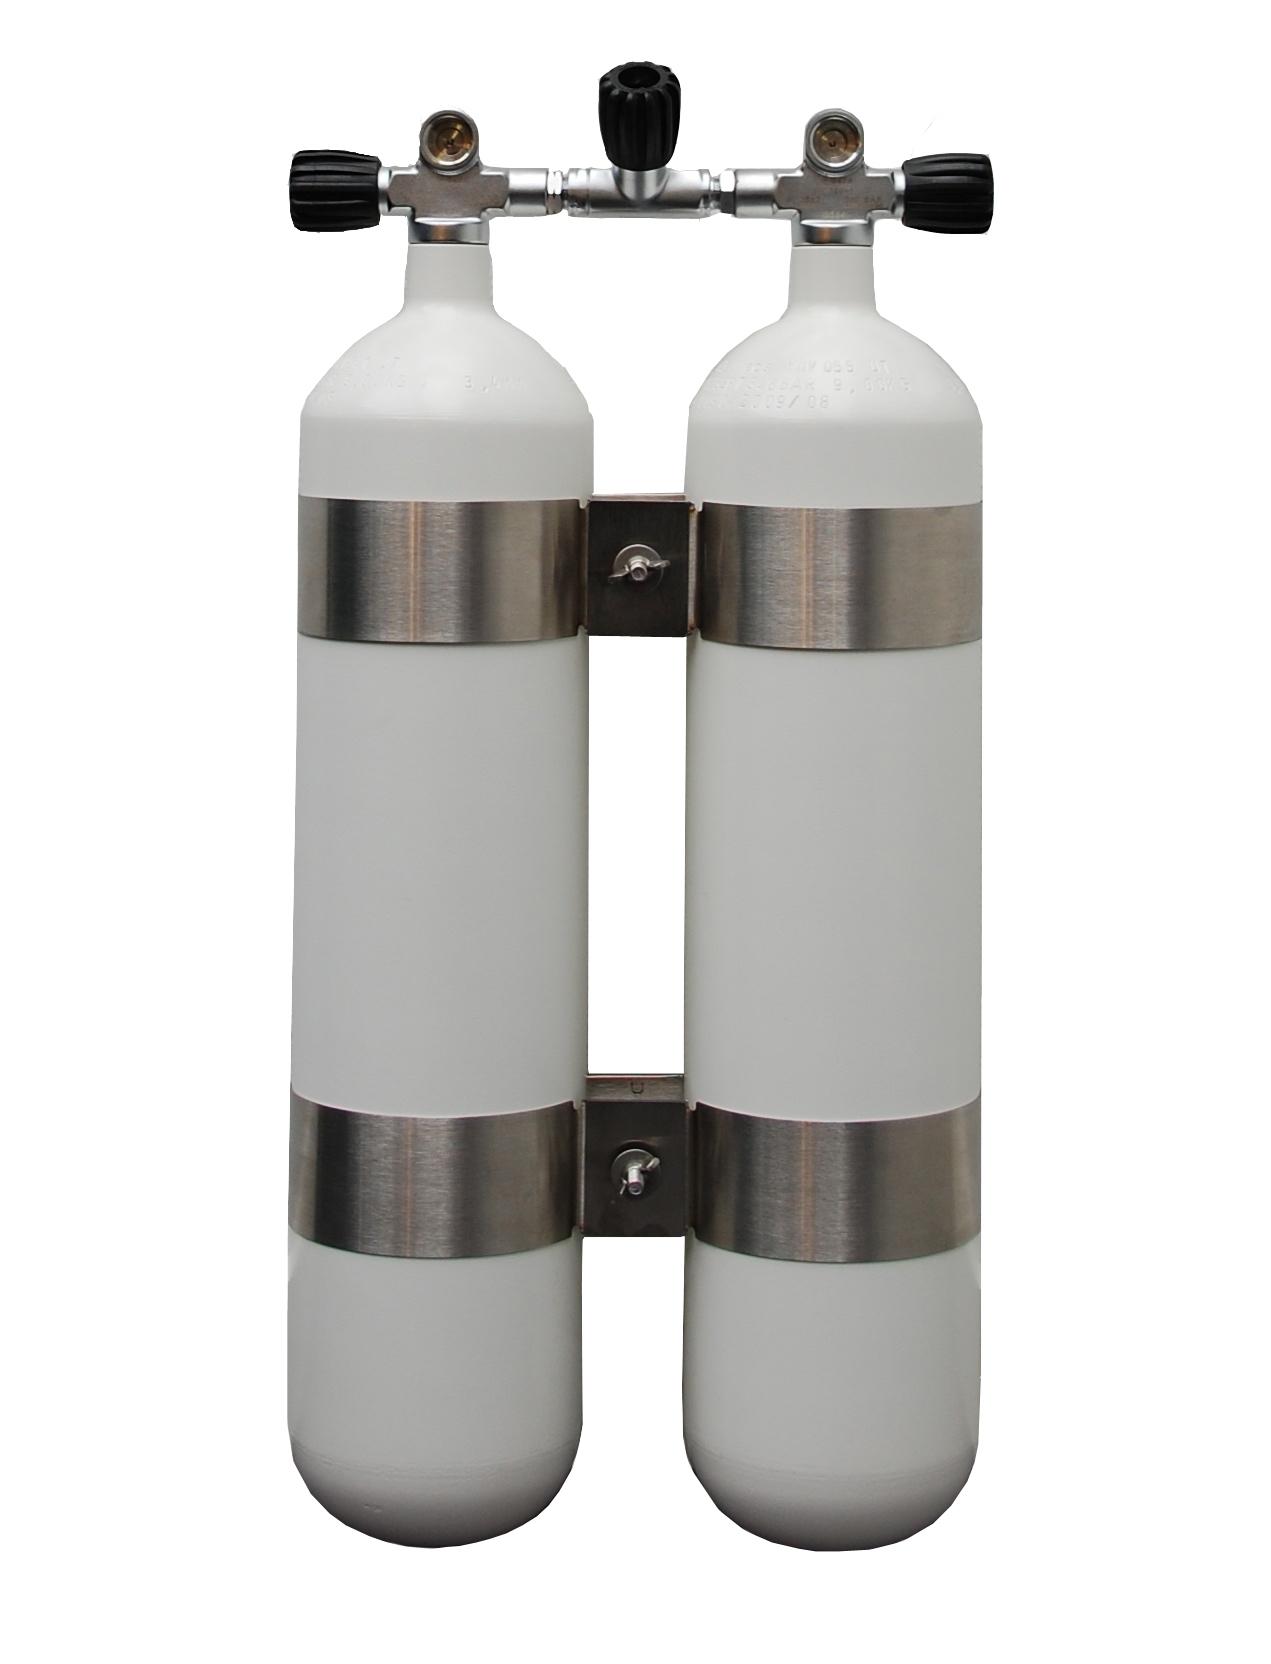 ECS Doppel 7 L /300 bar Stahl TG mit V4TEC Schellen und Absperrbrücke, Flaschenabstand 40mm